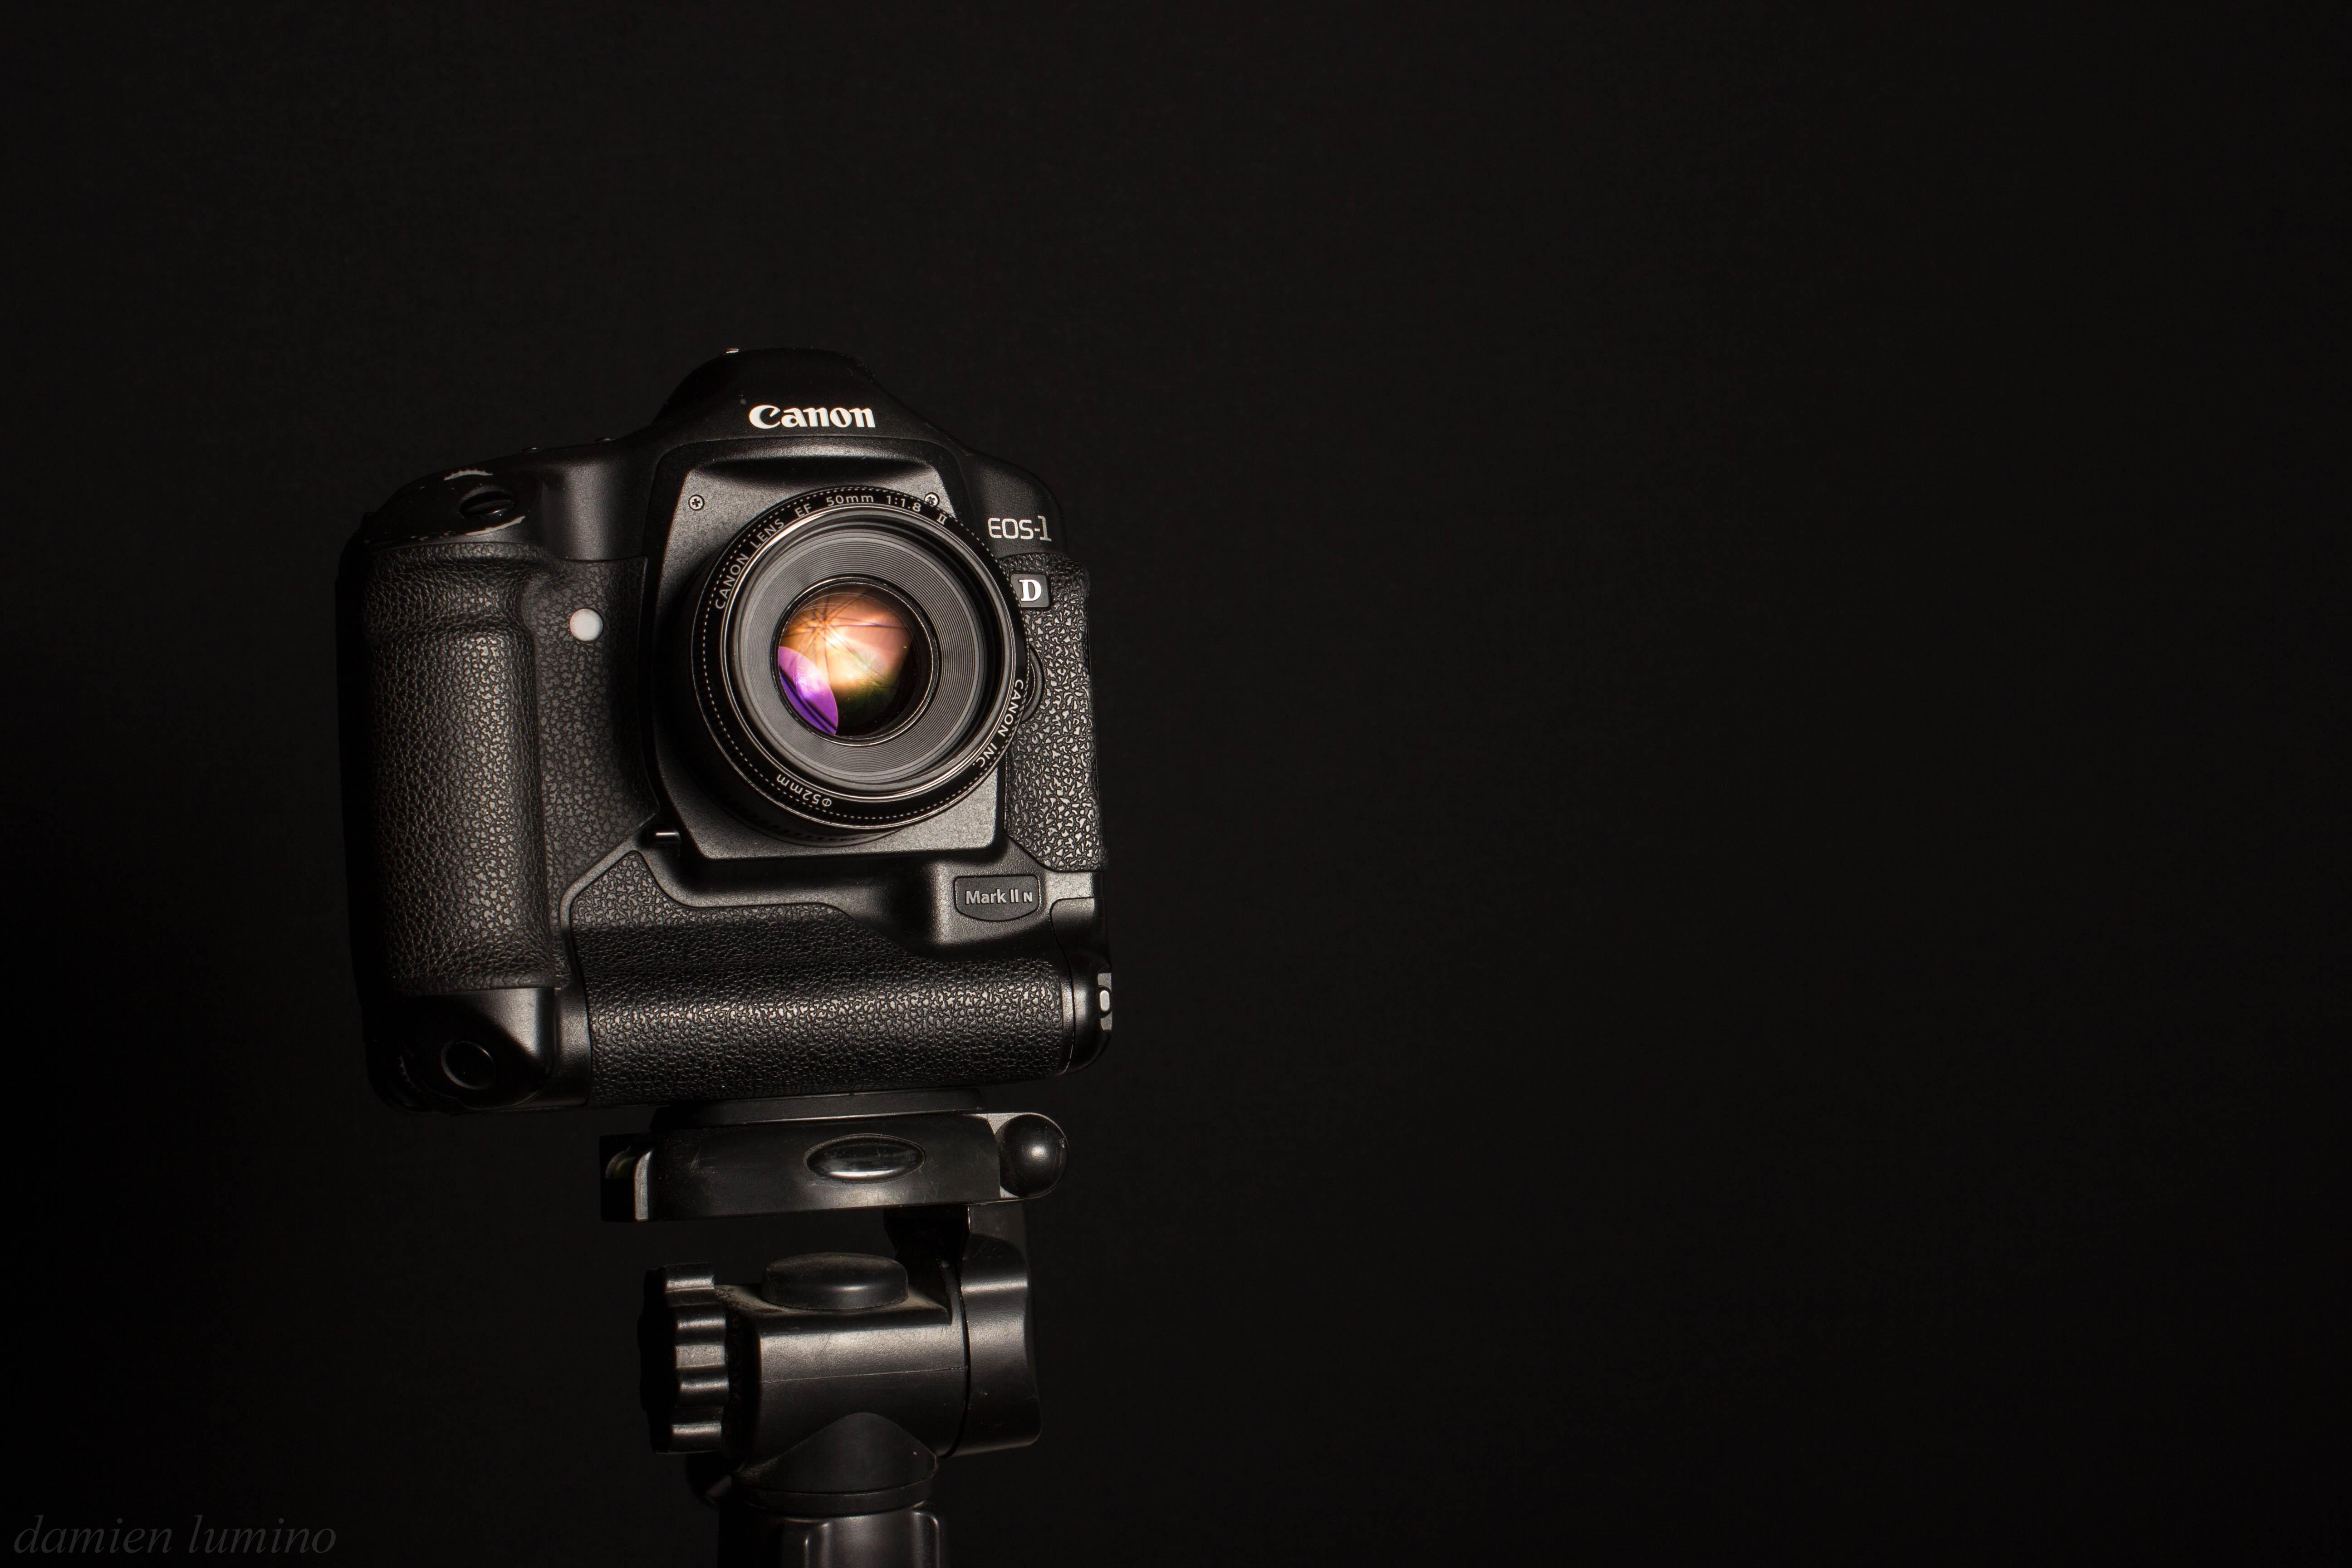 File:Canon eos 1D mark II N.+ canon 50mm 1.8.jpg